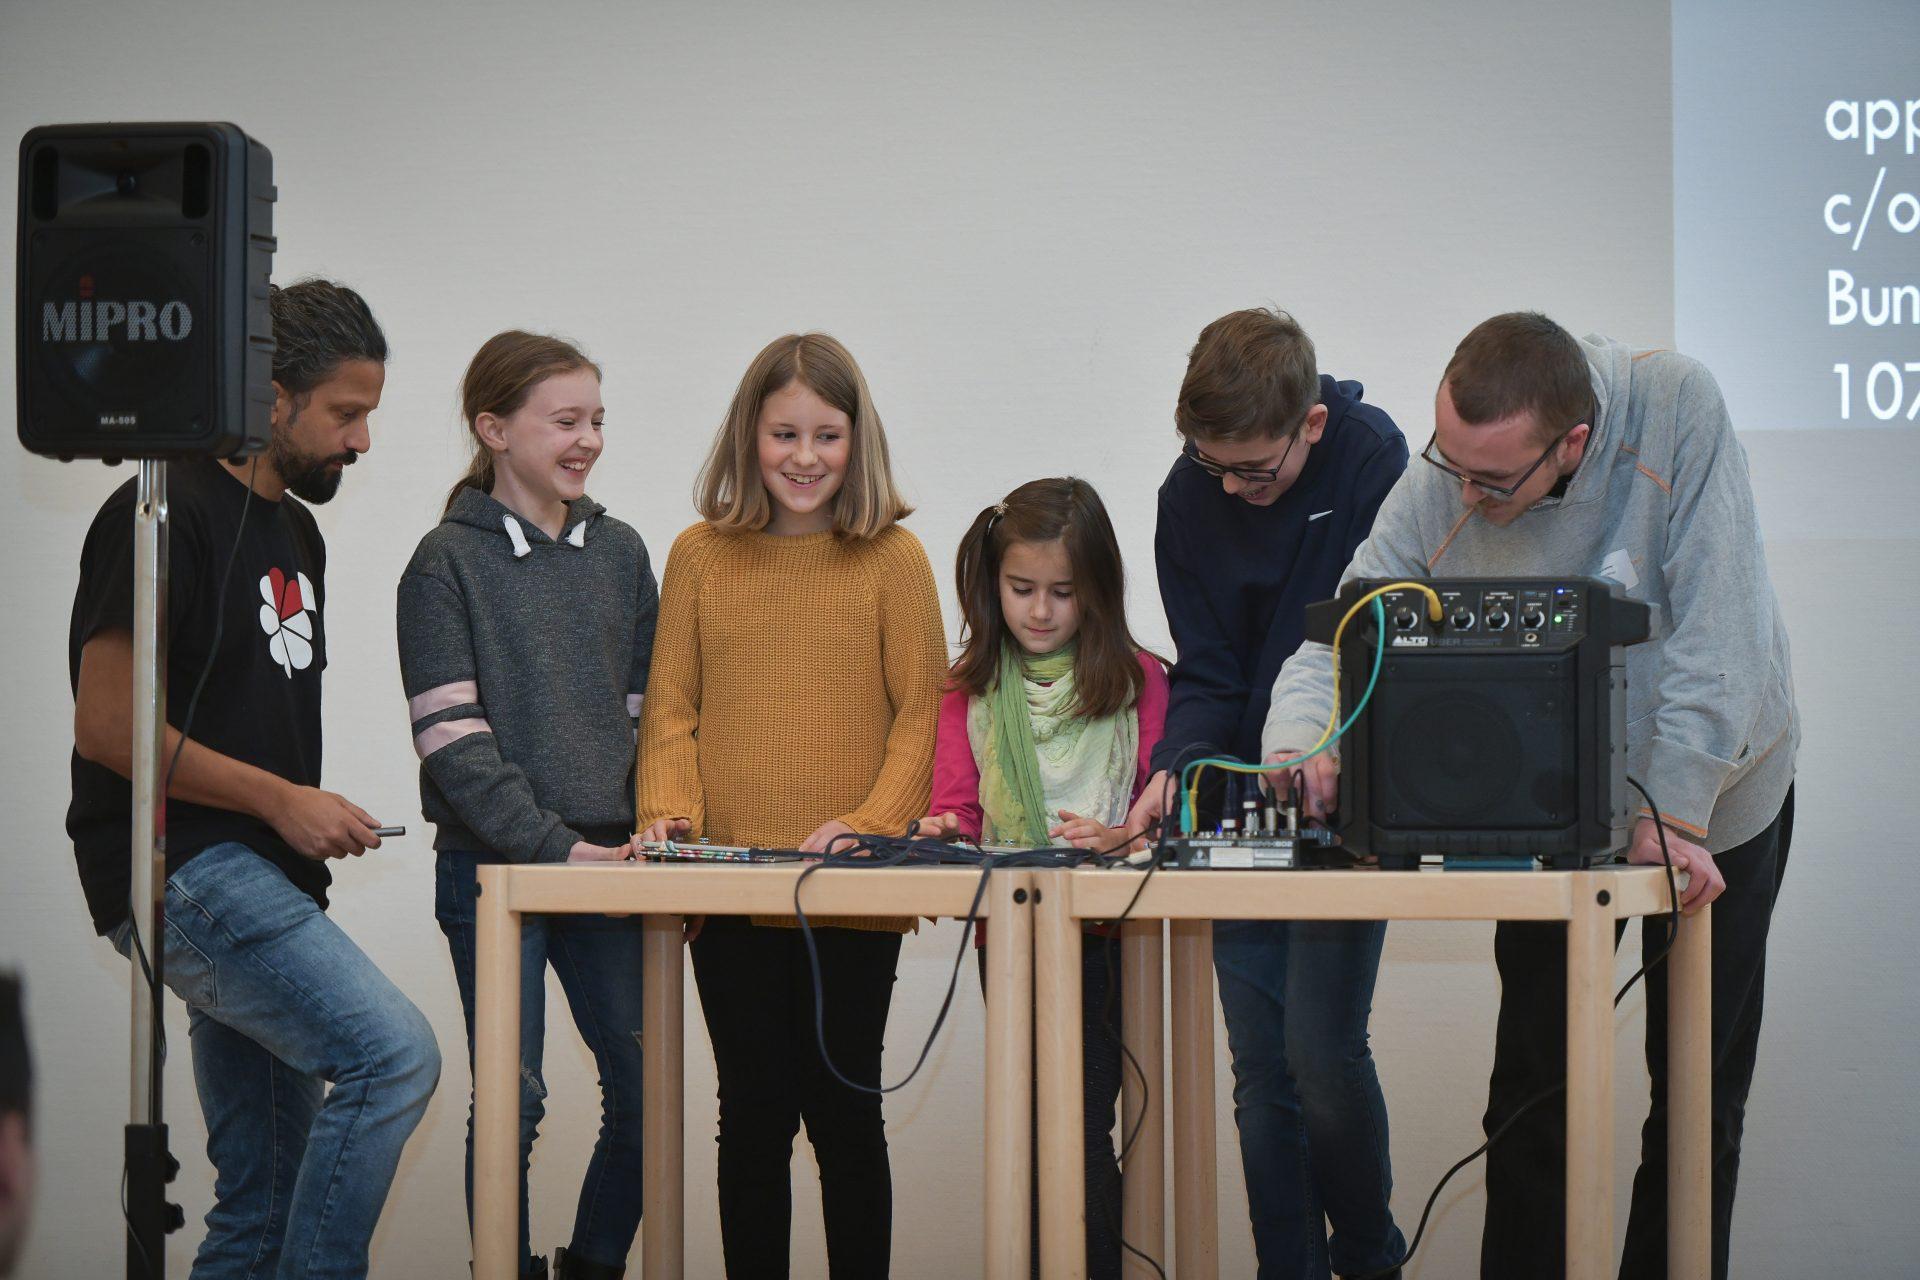 Zwei Betreuer stehen mit Kindern auf einer Bühne und machen elektronische Musik.